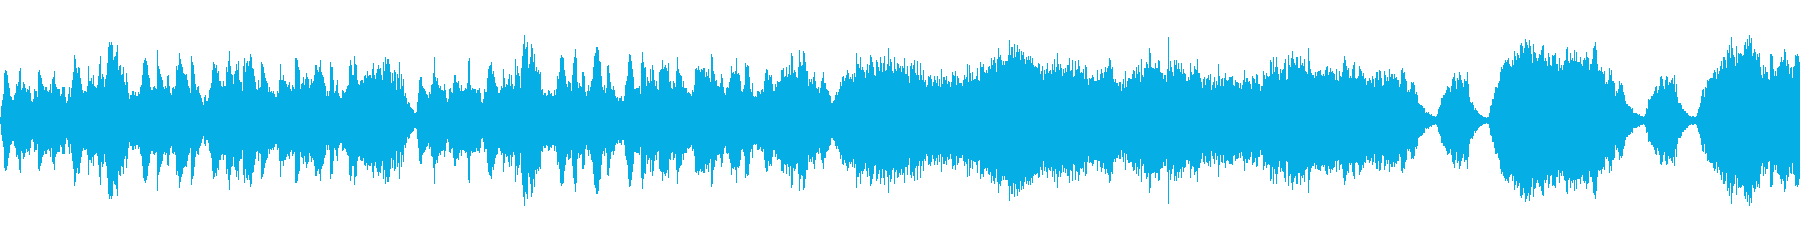 静かな山村をイメージした弦と木管が主の曲の再生済みの波形